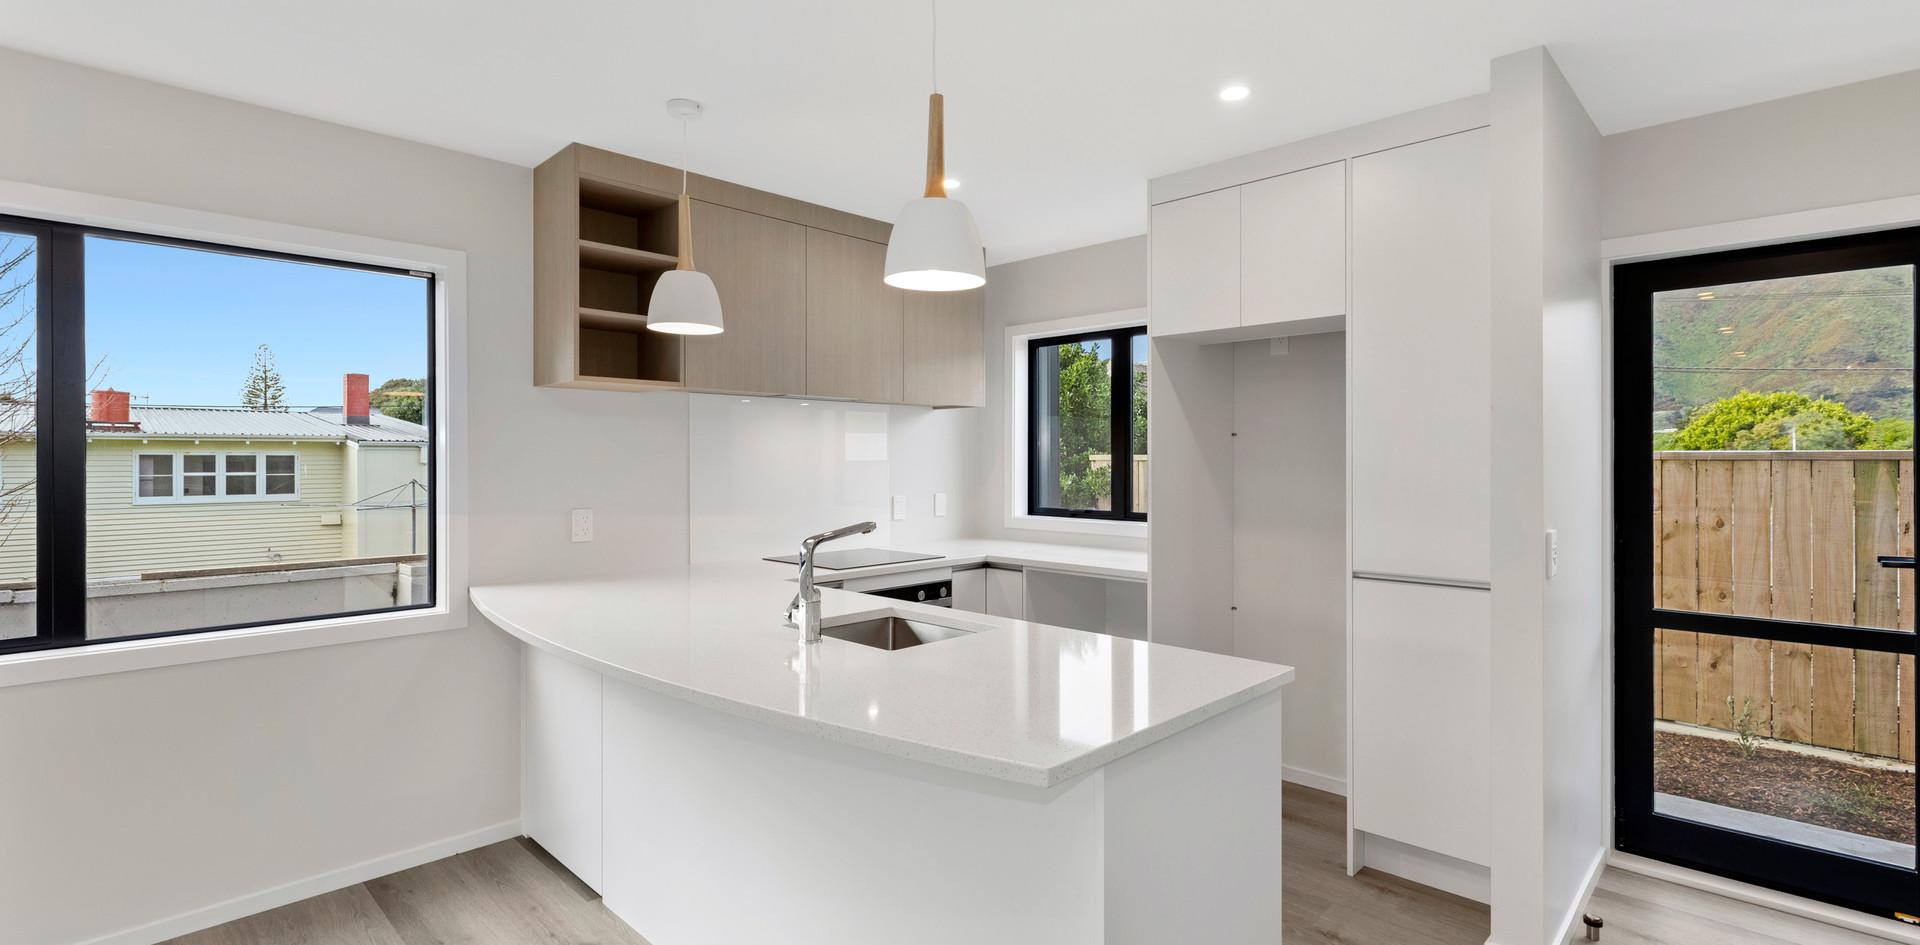 20 Okoutu Lane - kitchen